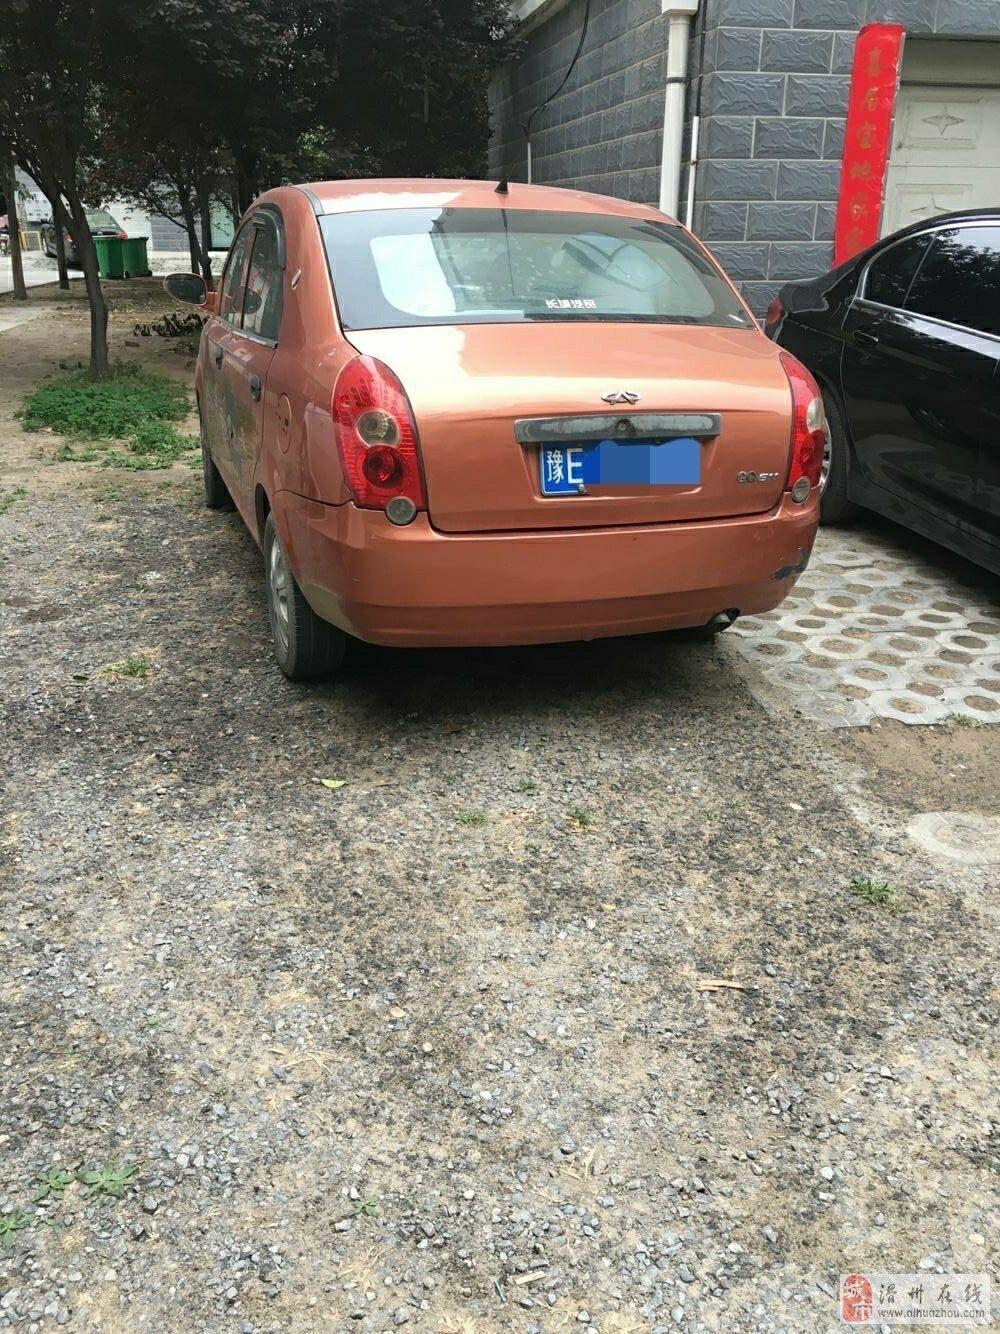 出售私用奇瑞Q6轿车一辆